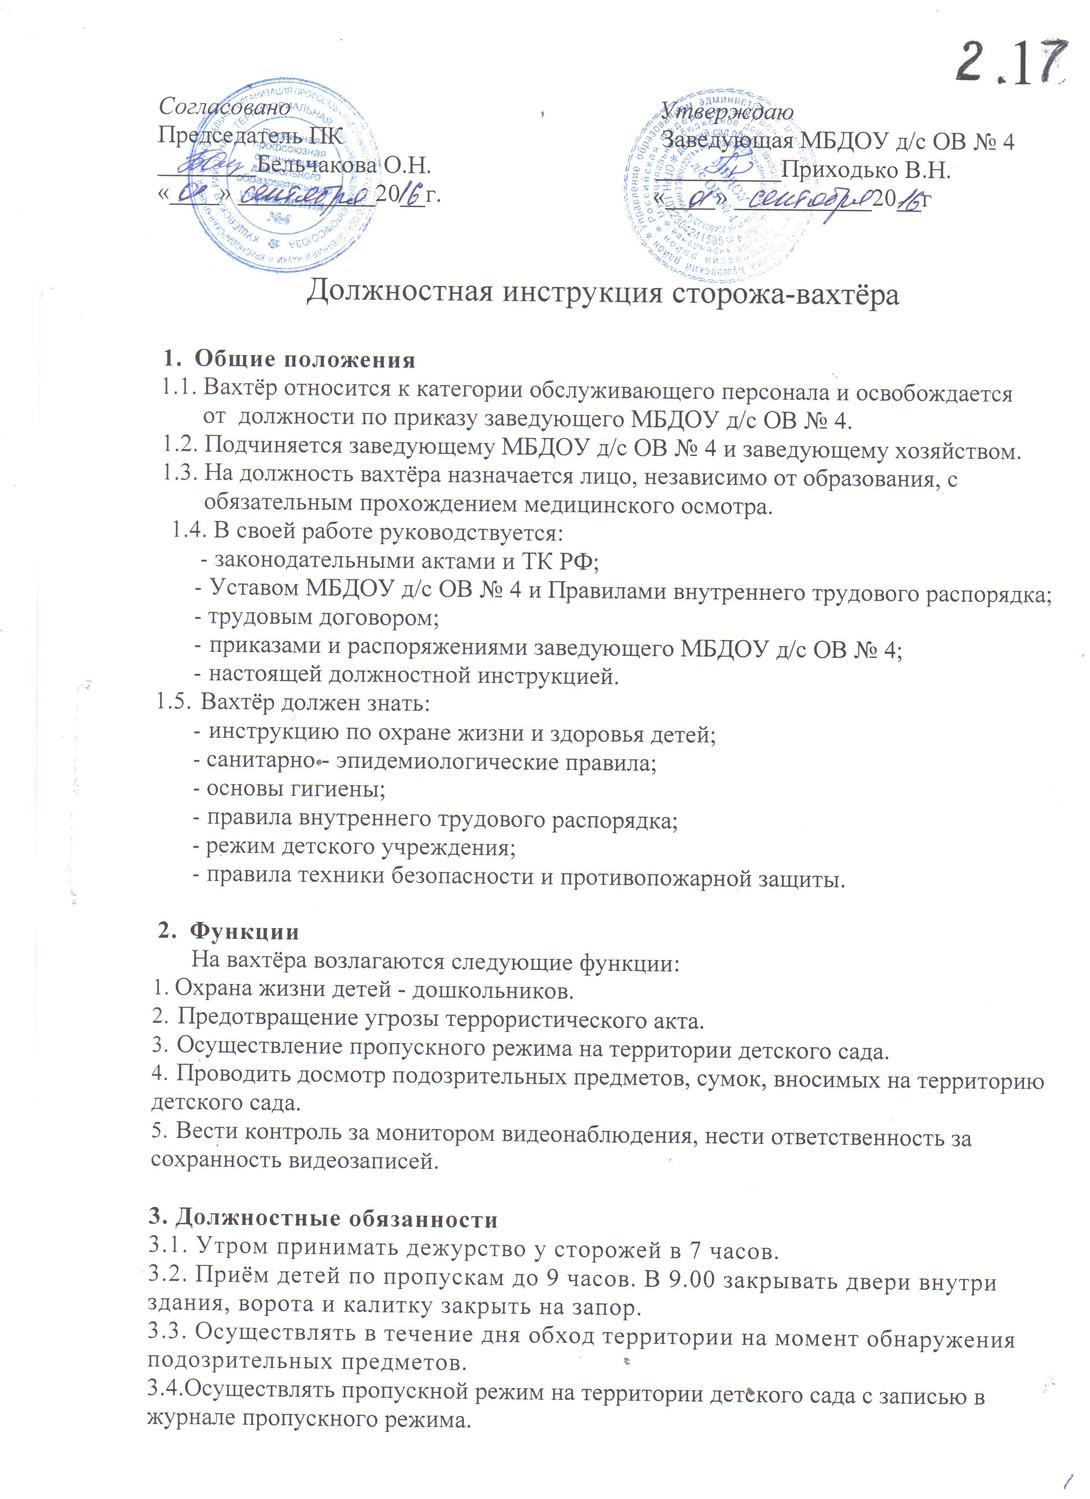 инструкция сторожа больницы